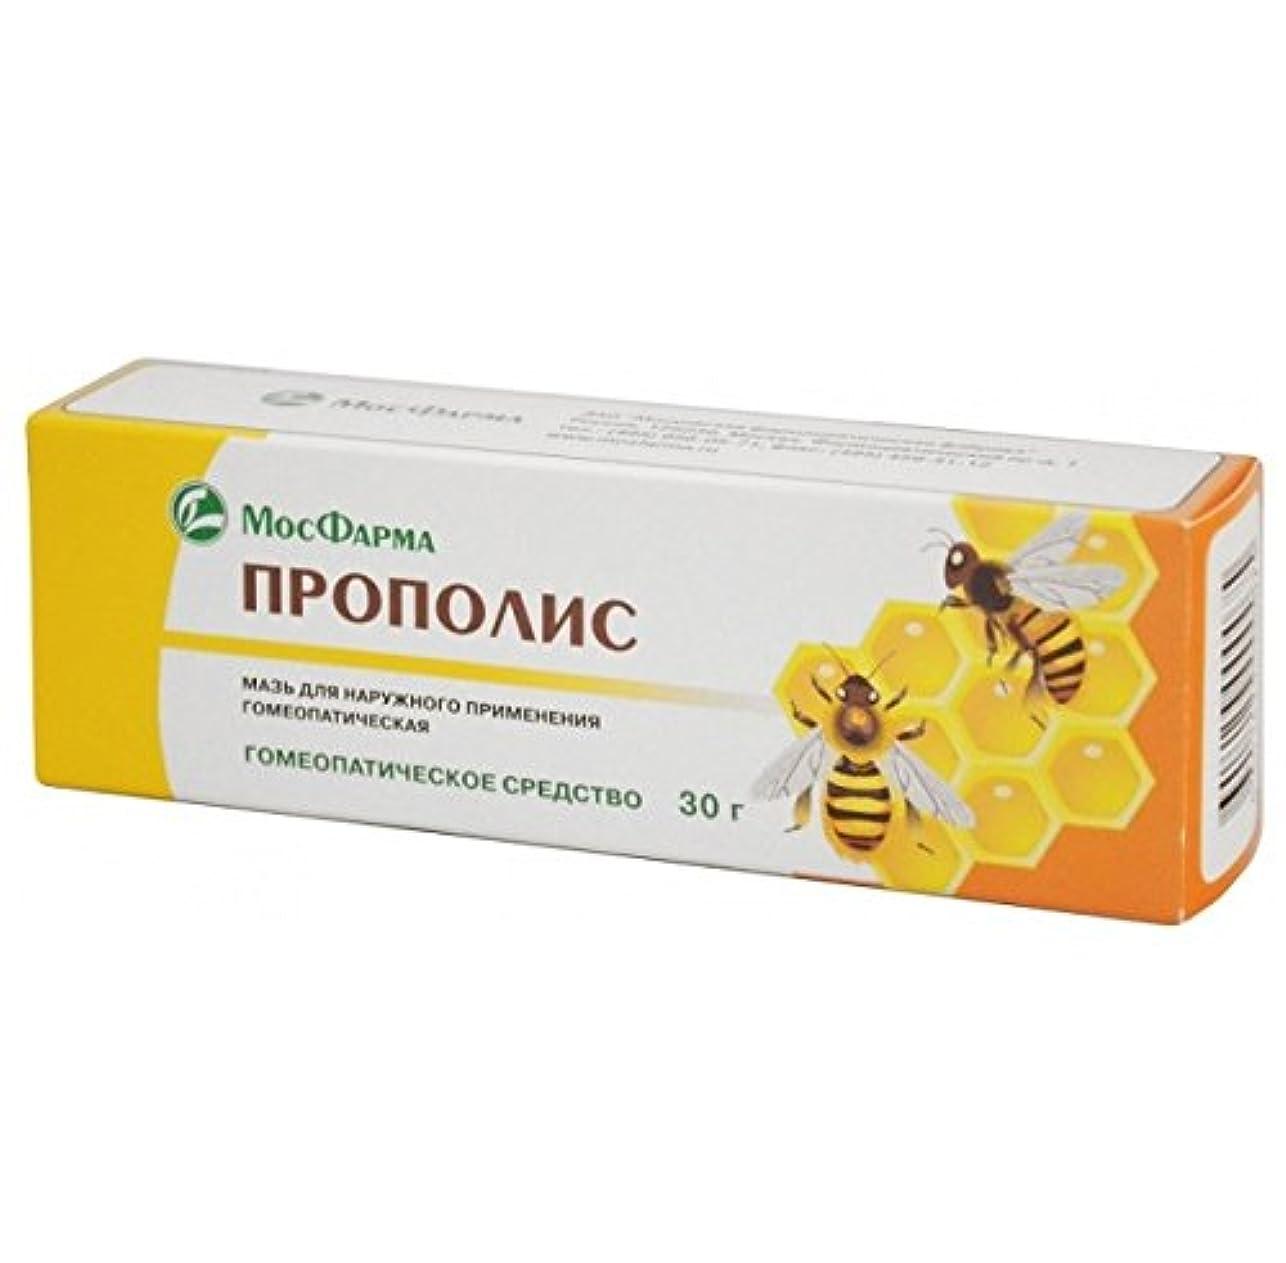 息を切らしてデマンド価値のないPropolis ointment 30gr. プロポリス軟膏